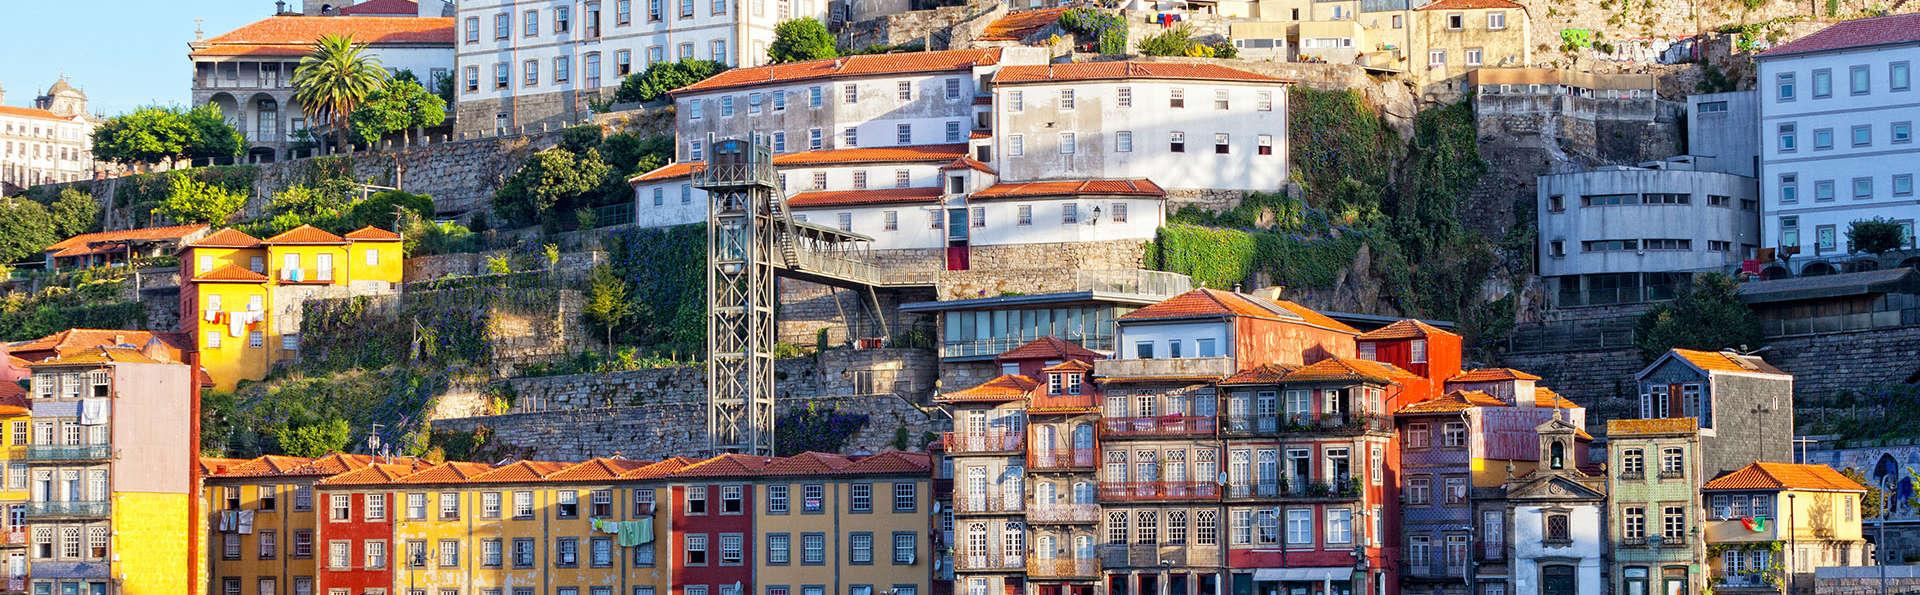 Évadez-vous avec un itinéraire à travers la ville de Porto et logez-vous dans un bel hôtel charmant